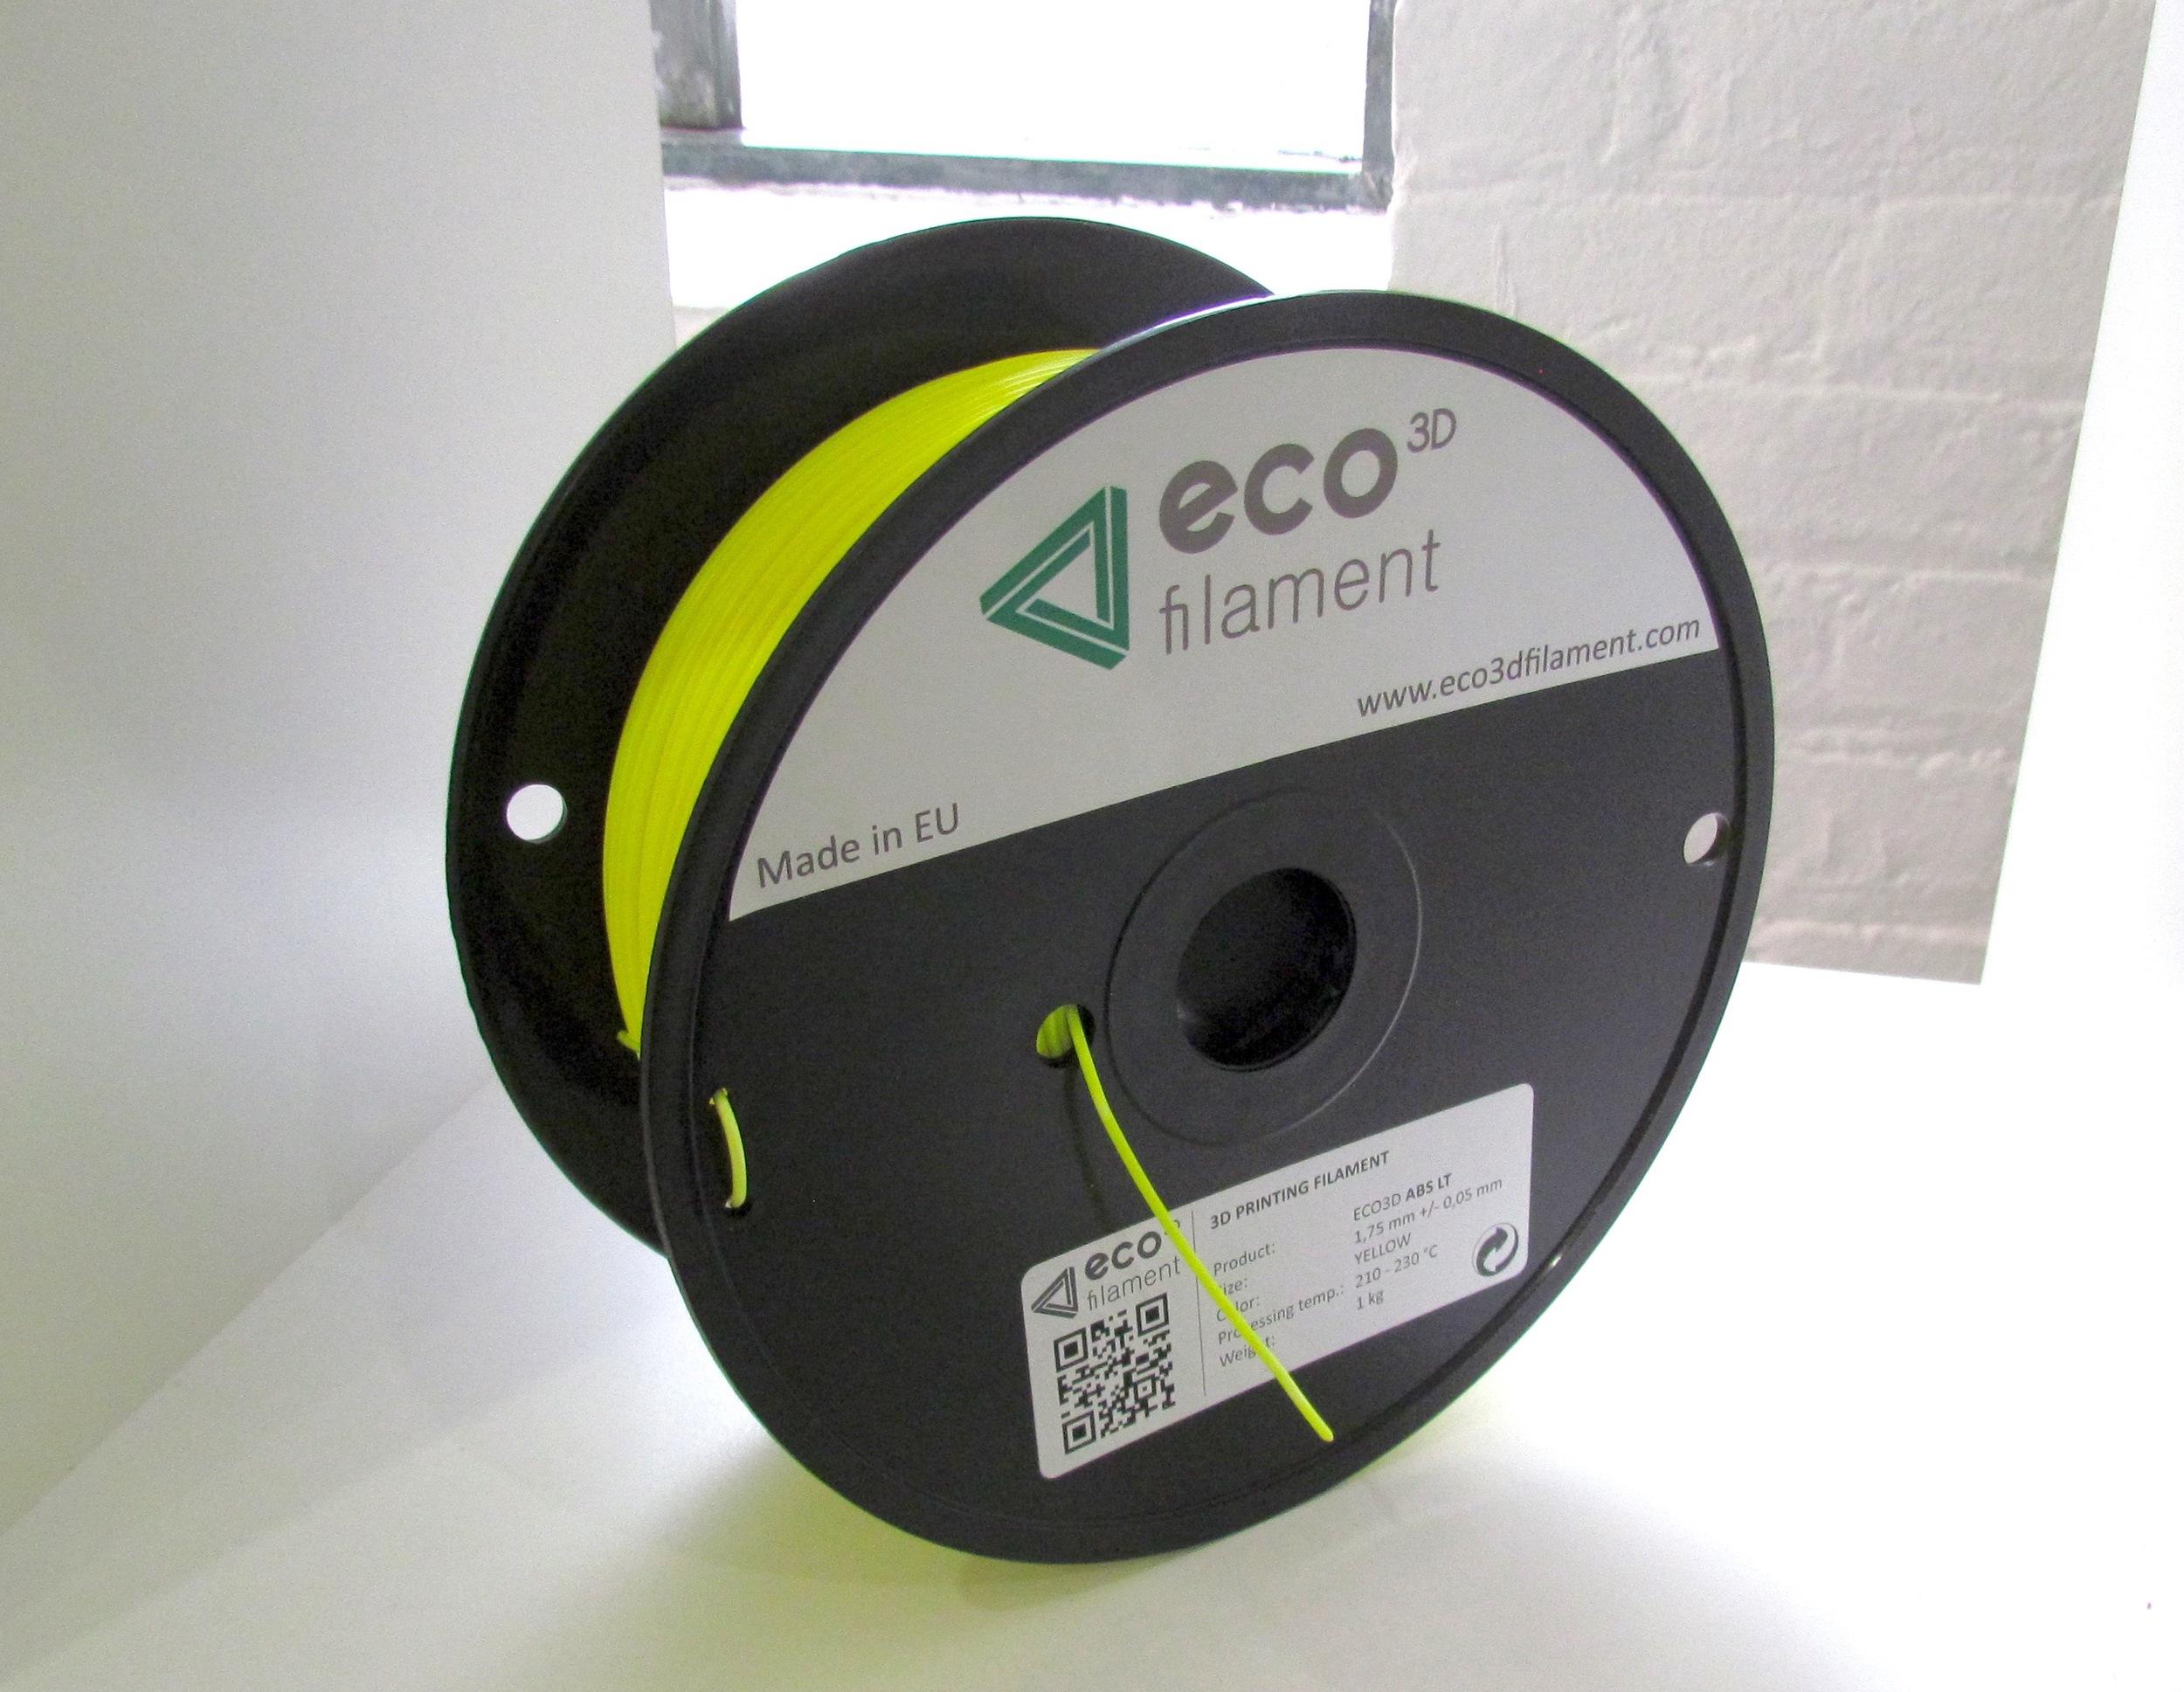 Eco 3D Filament's Unique Material Offerings